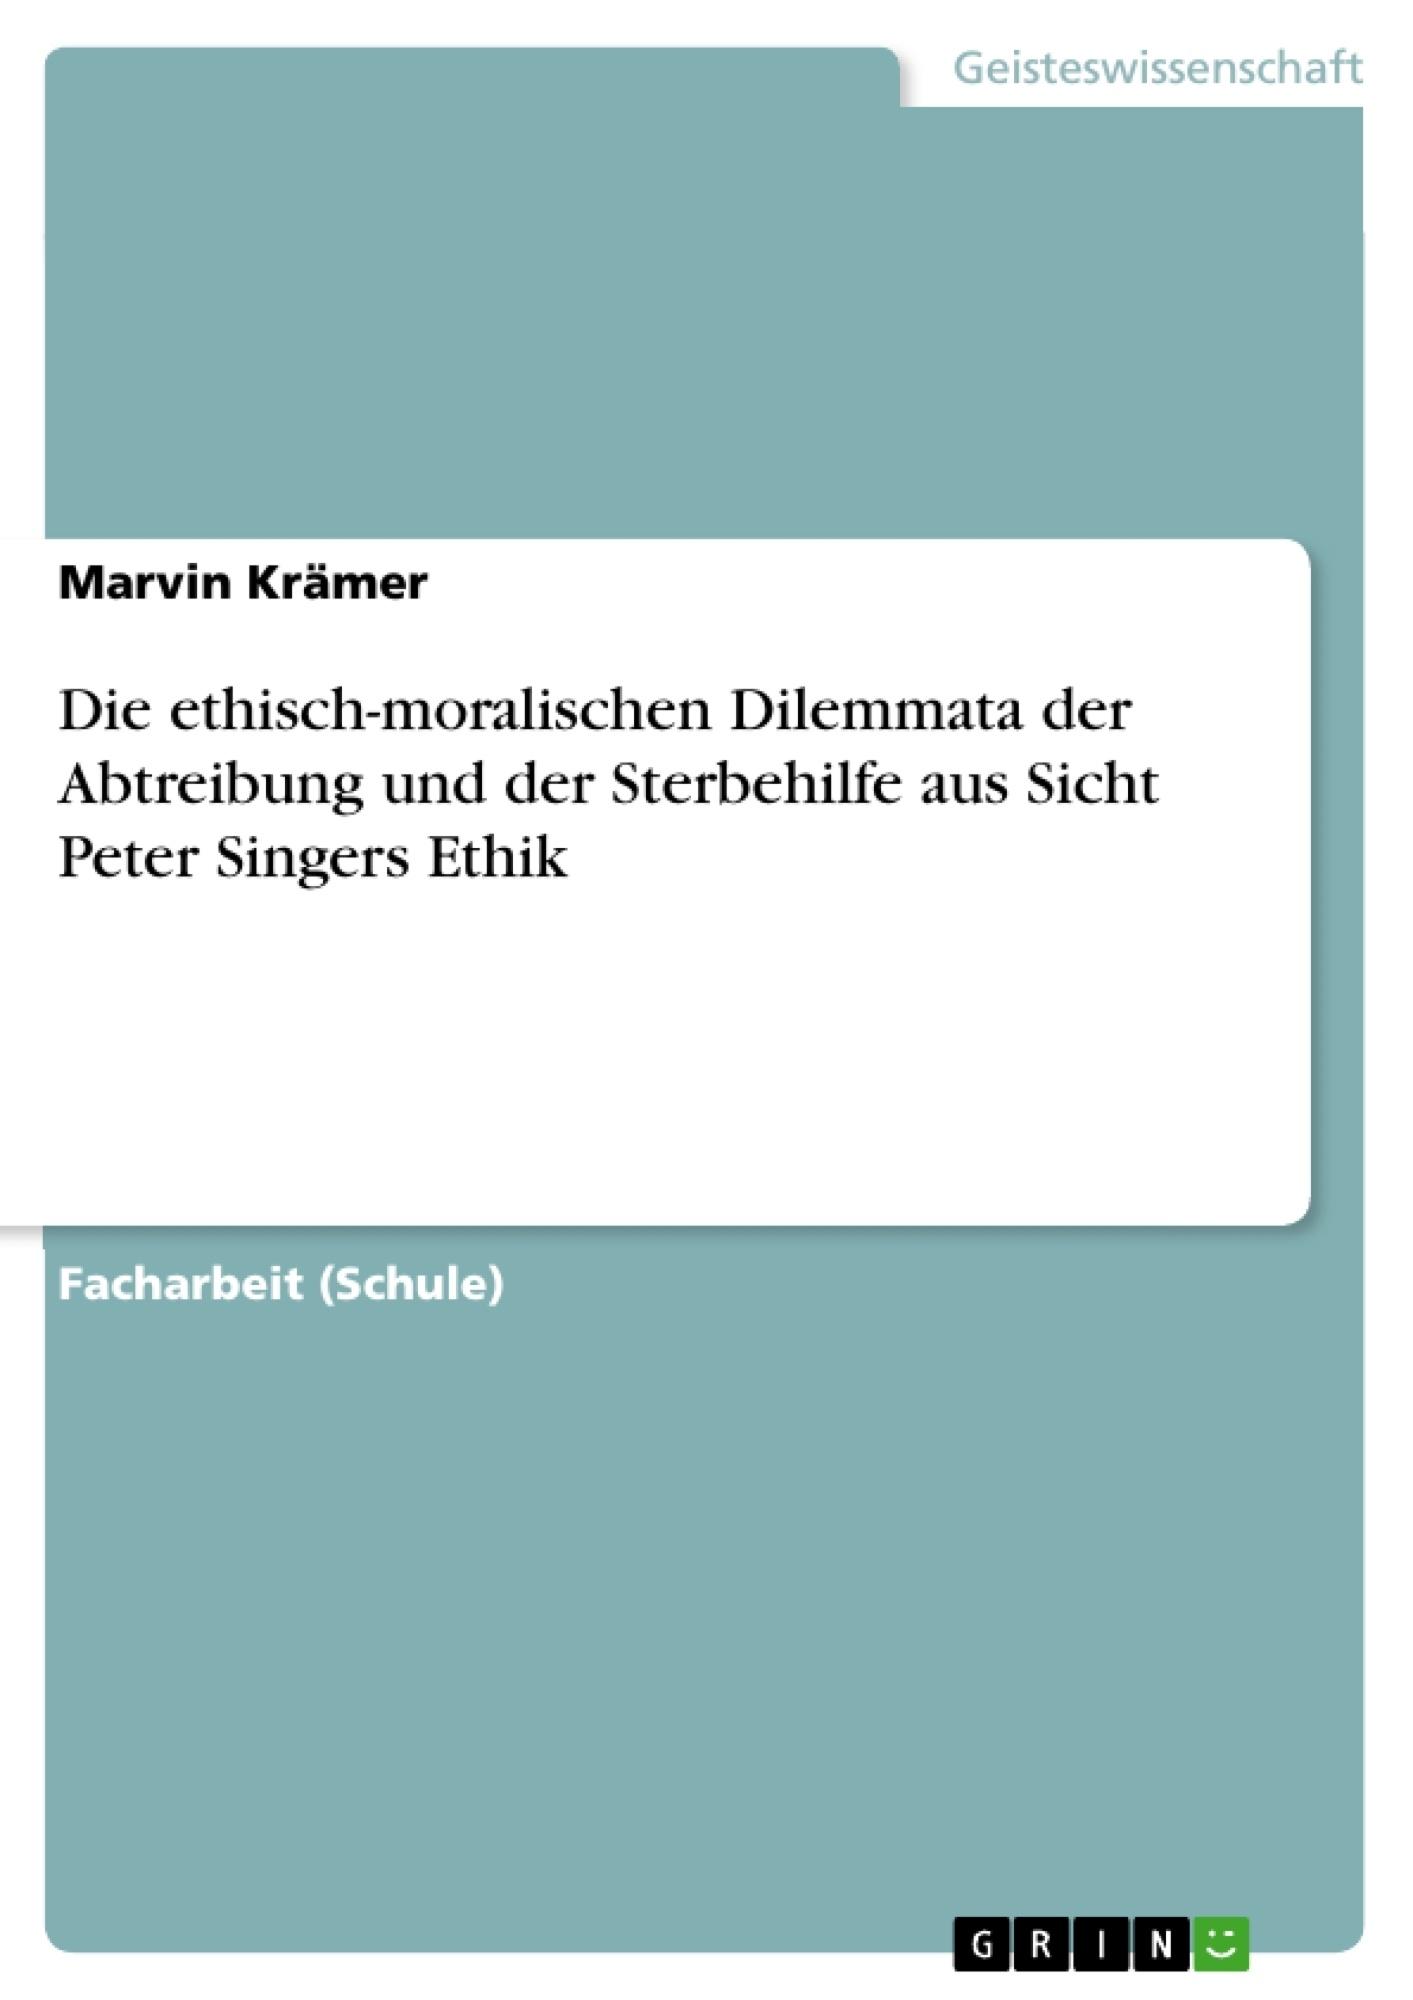 Titel: Die ethisch-moralischen Dilemmata der Abtreibung und der Sterbehilfe aus Sicht Peter Singers Ethik